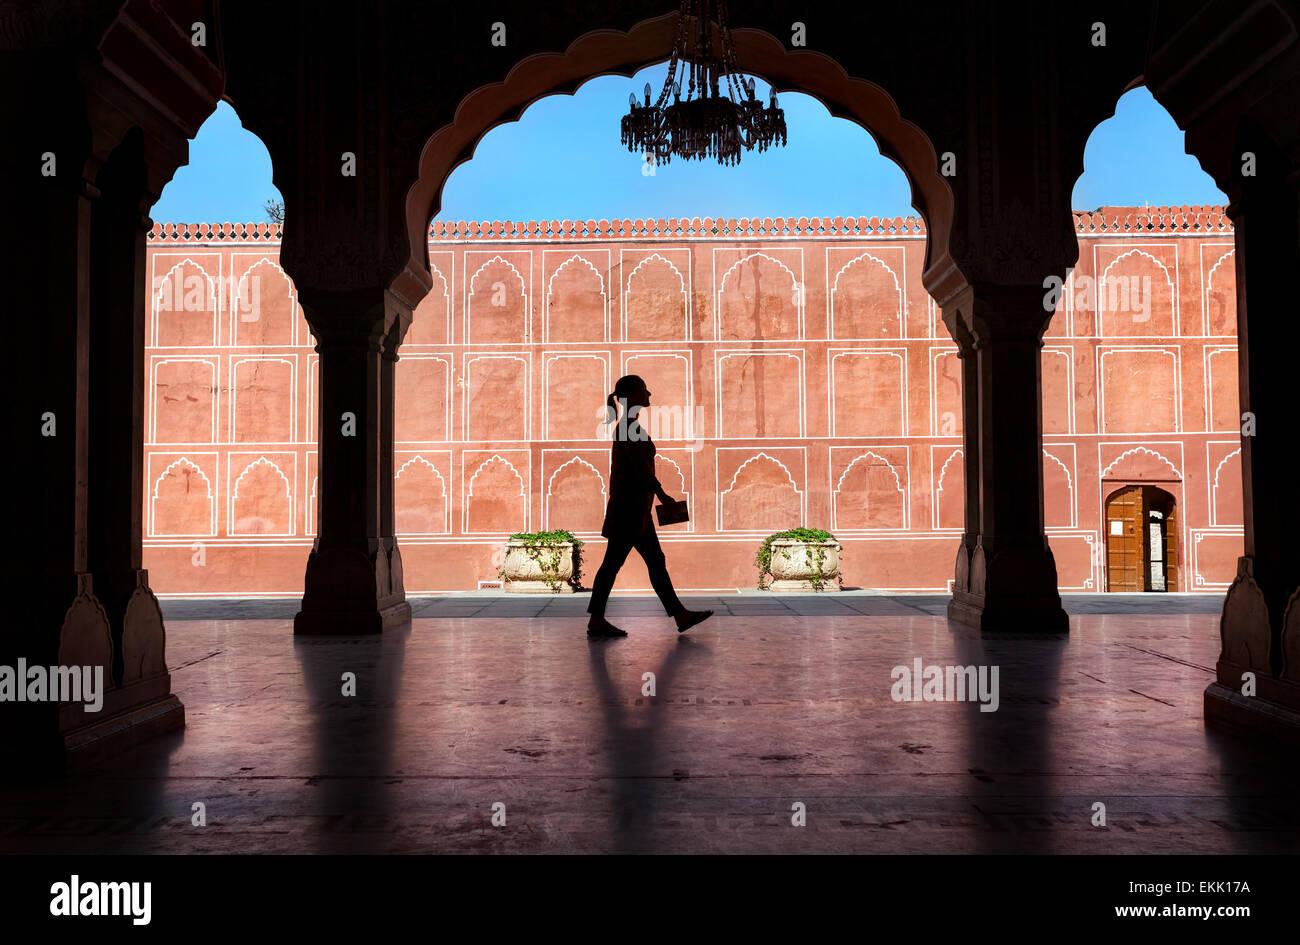 Guide avec silhouette de femme marche dans la ville musée du palais, Jaipur, Rajasthan, Inde Photo Stock